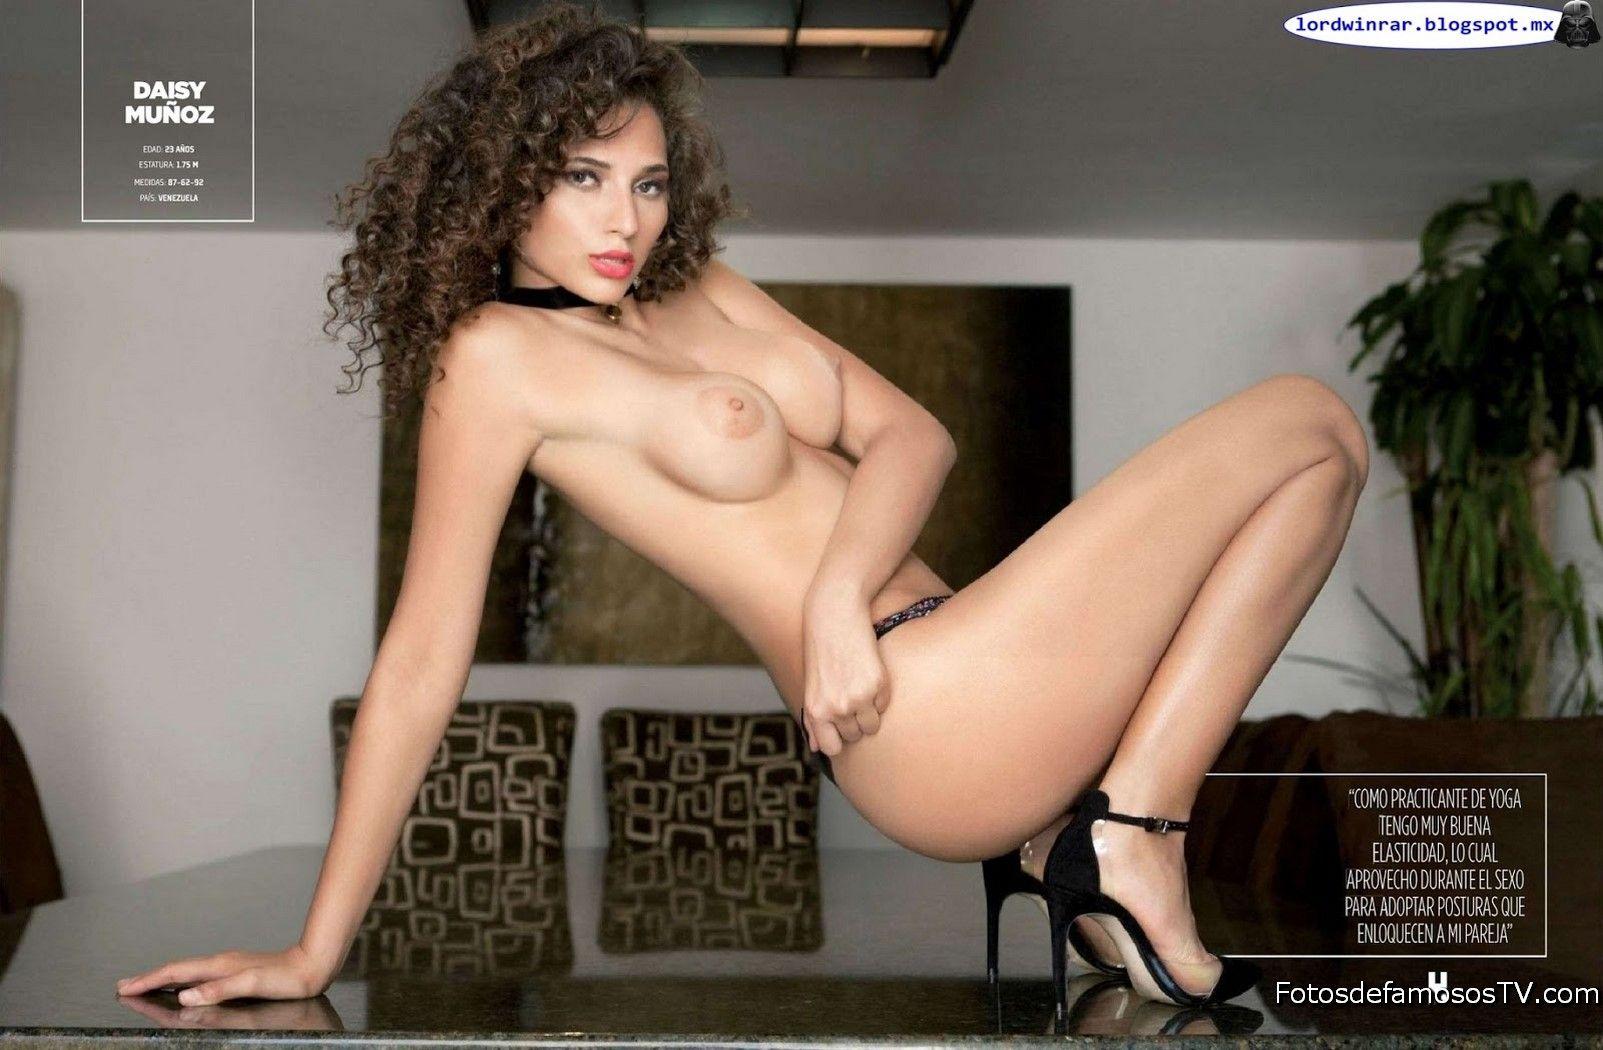 Fotos De Daisy Muñoz Desnuda En La Revista H En Su Edición De Julio